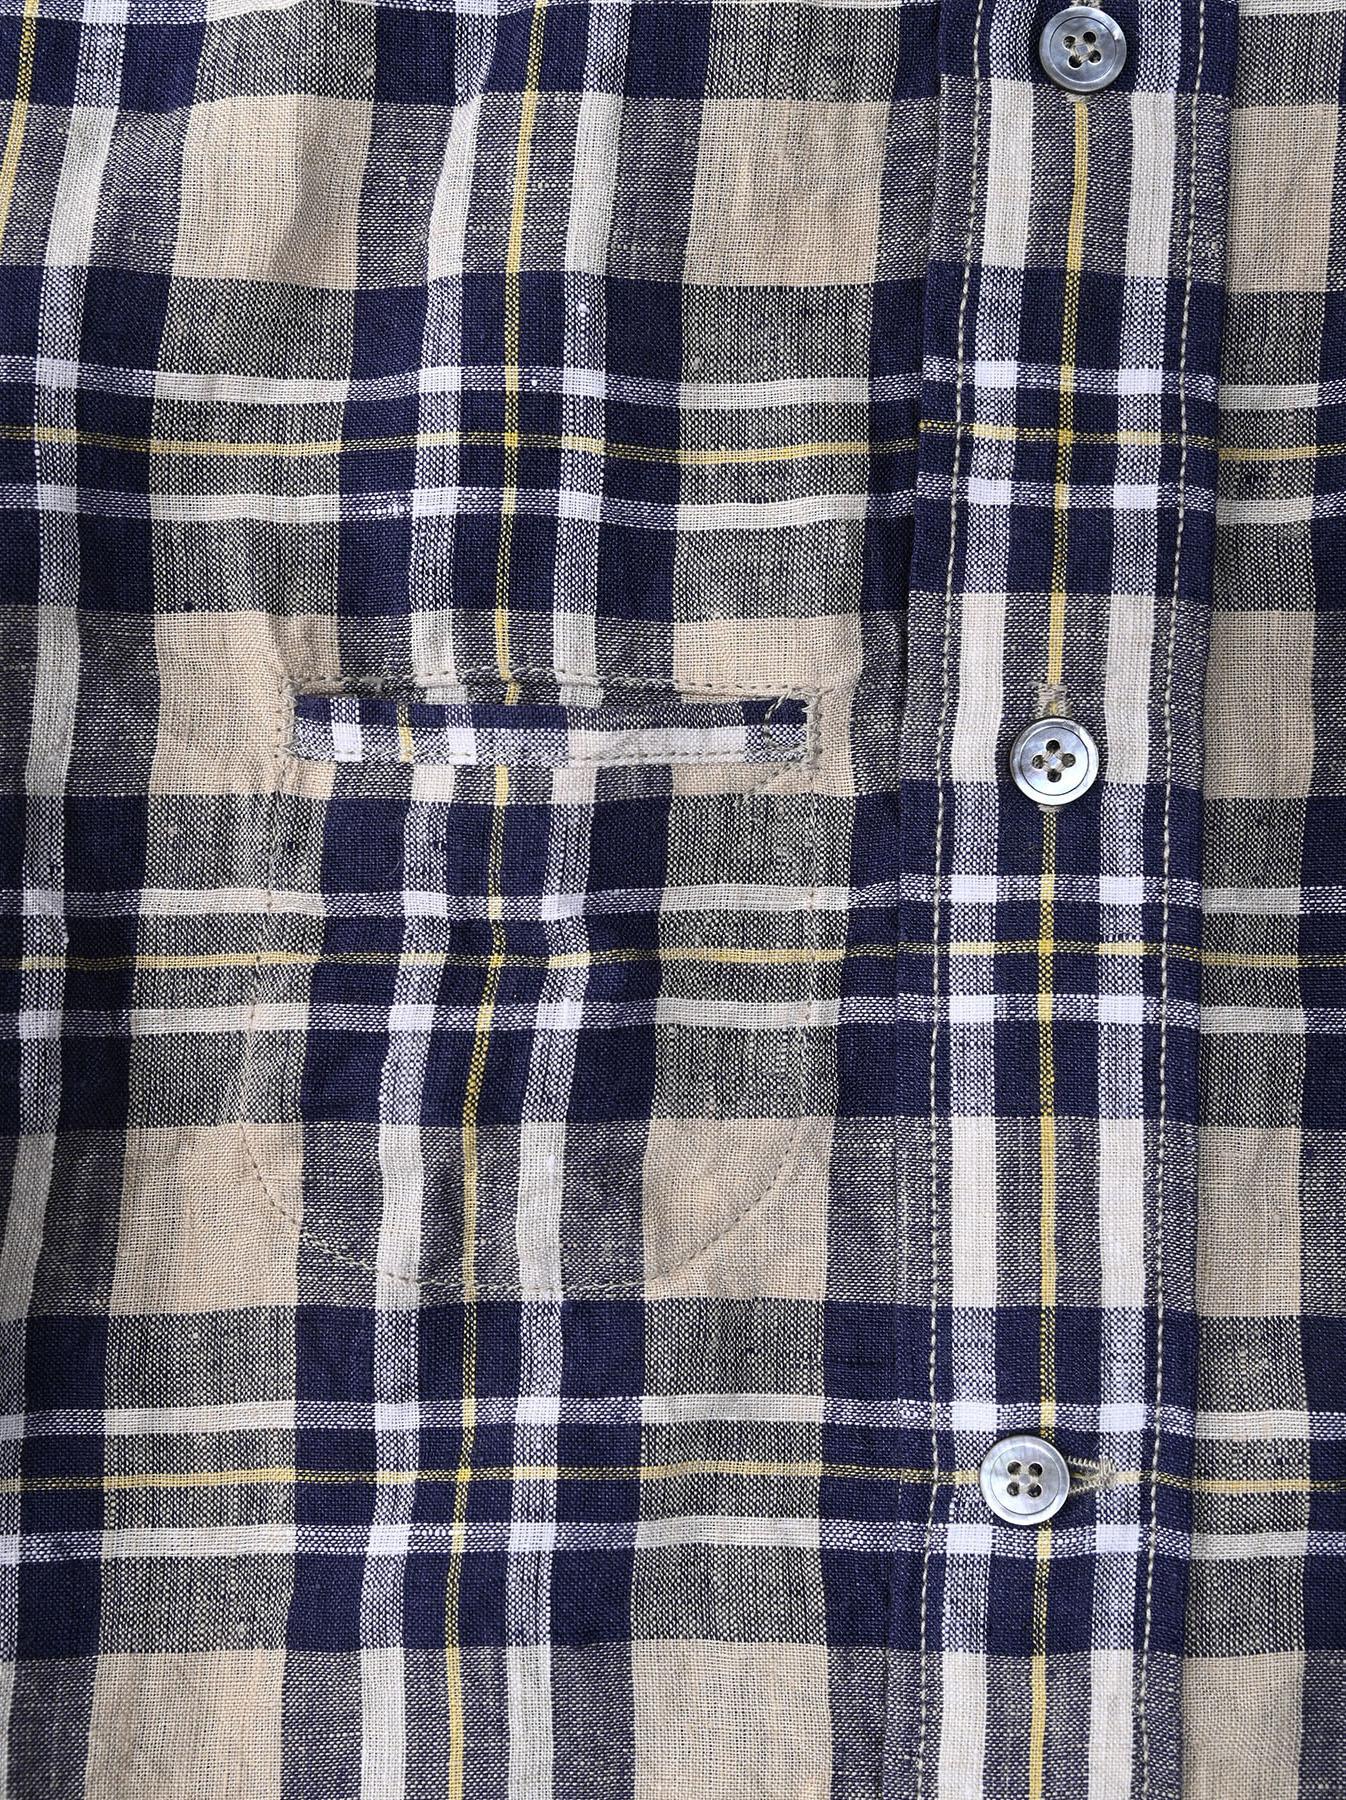 Indian Linen Madras 908 Ocean Button Down Shirt (0421)-11